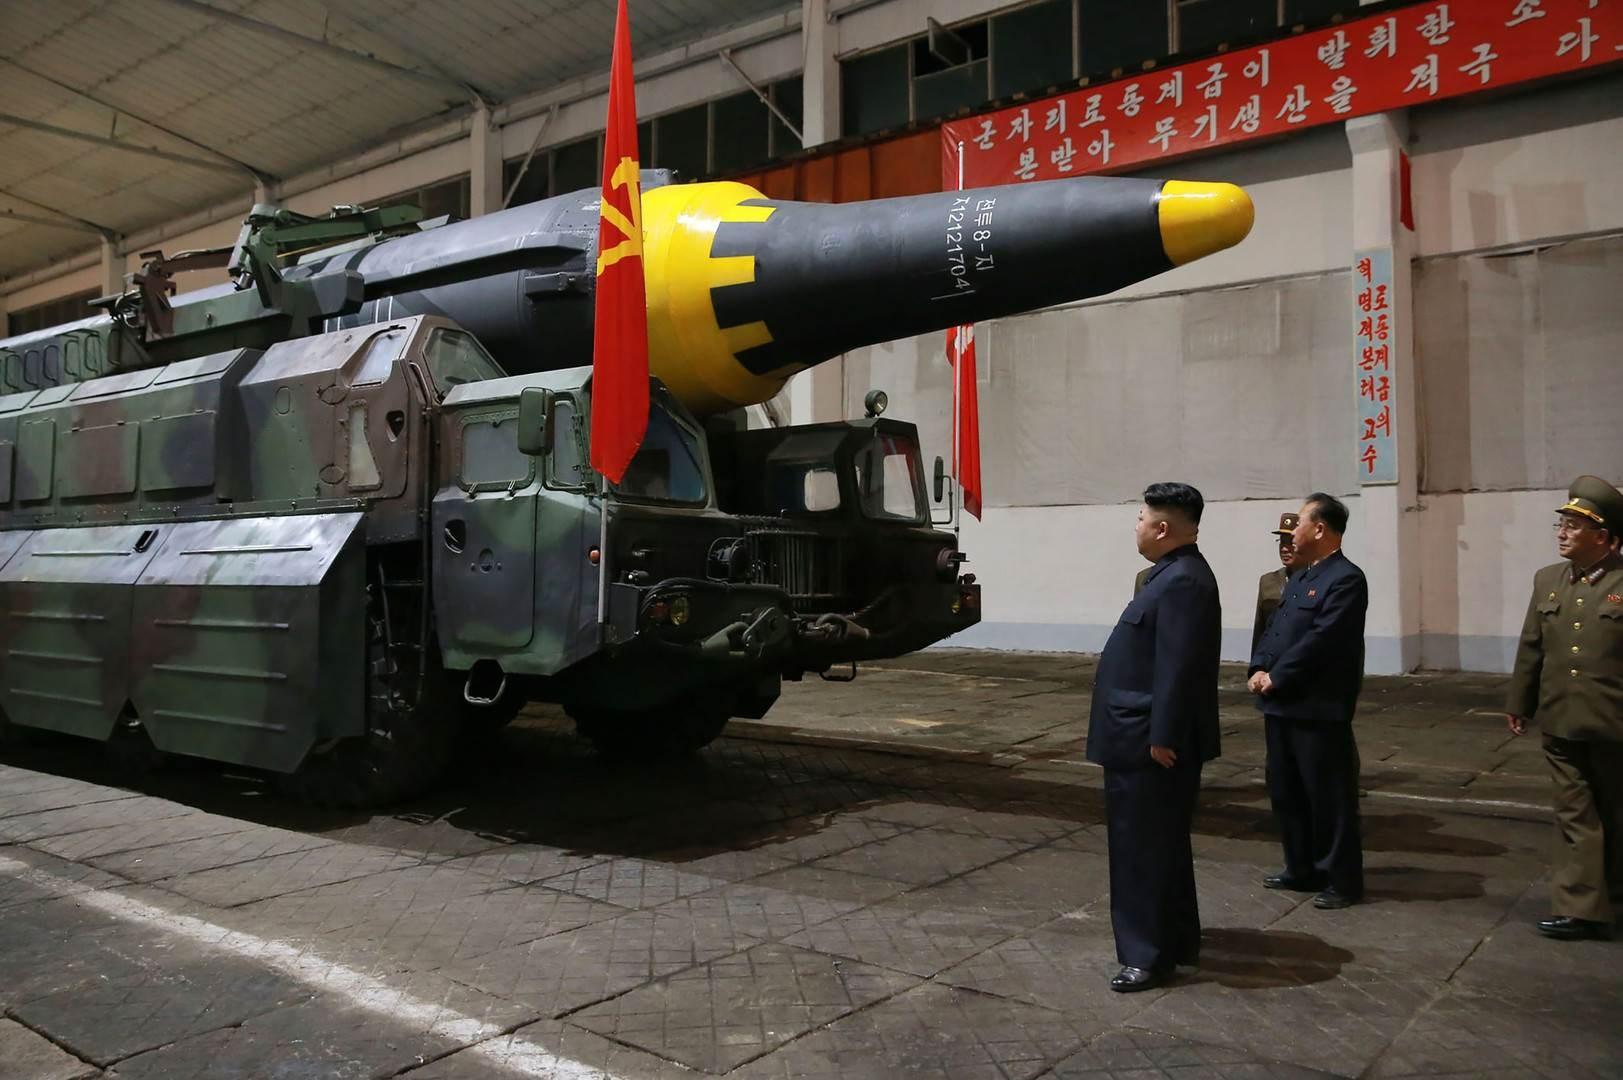 يتفق المحللون على أن صاروخ هواسونغ 15 هو أكبر صاروخ متحرّك بوقود سائل على الإطلاق في أي مكان في العالم